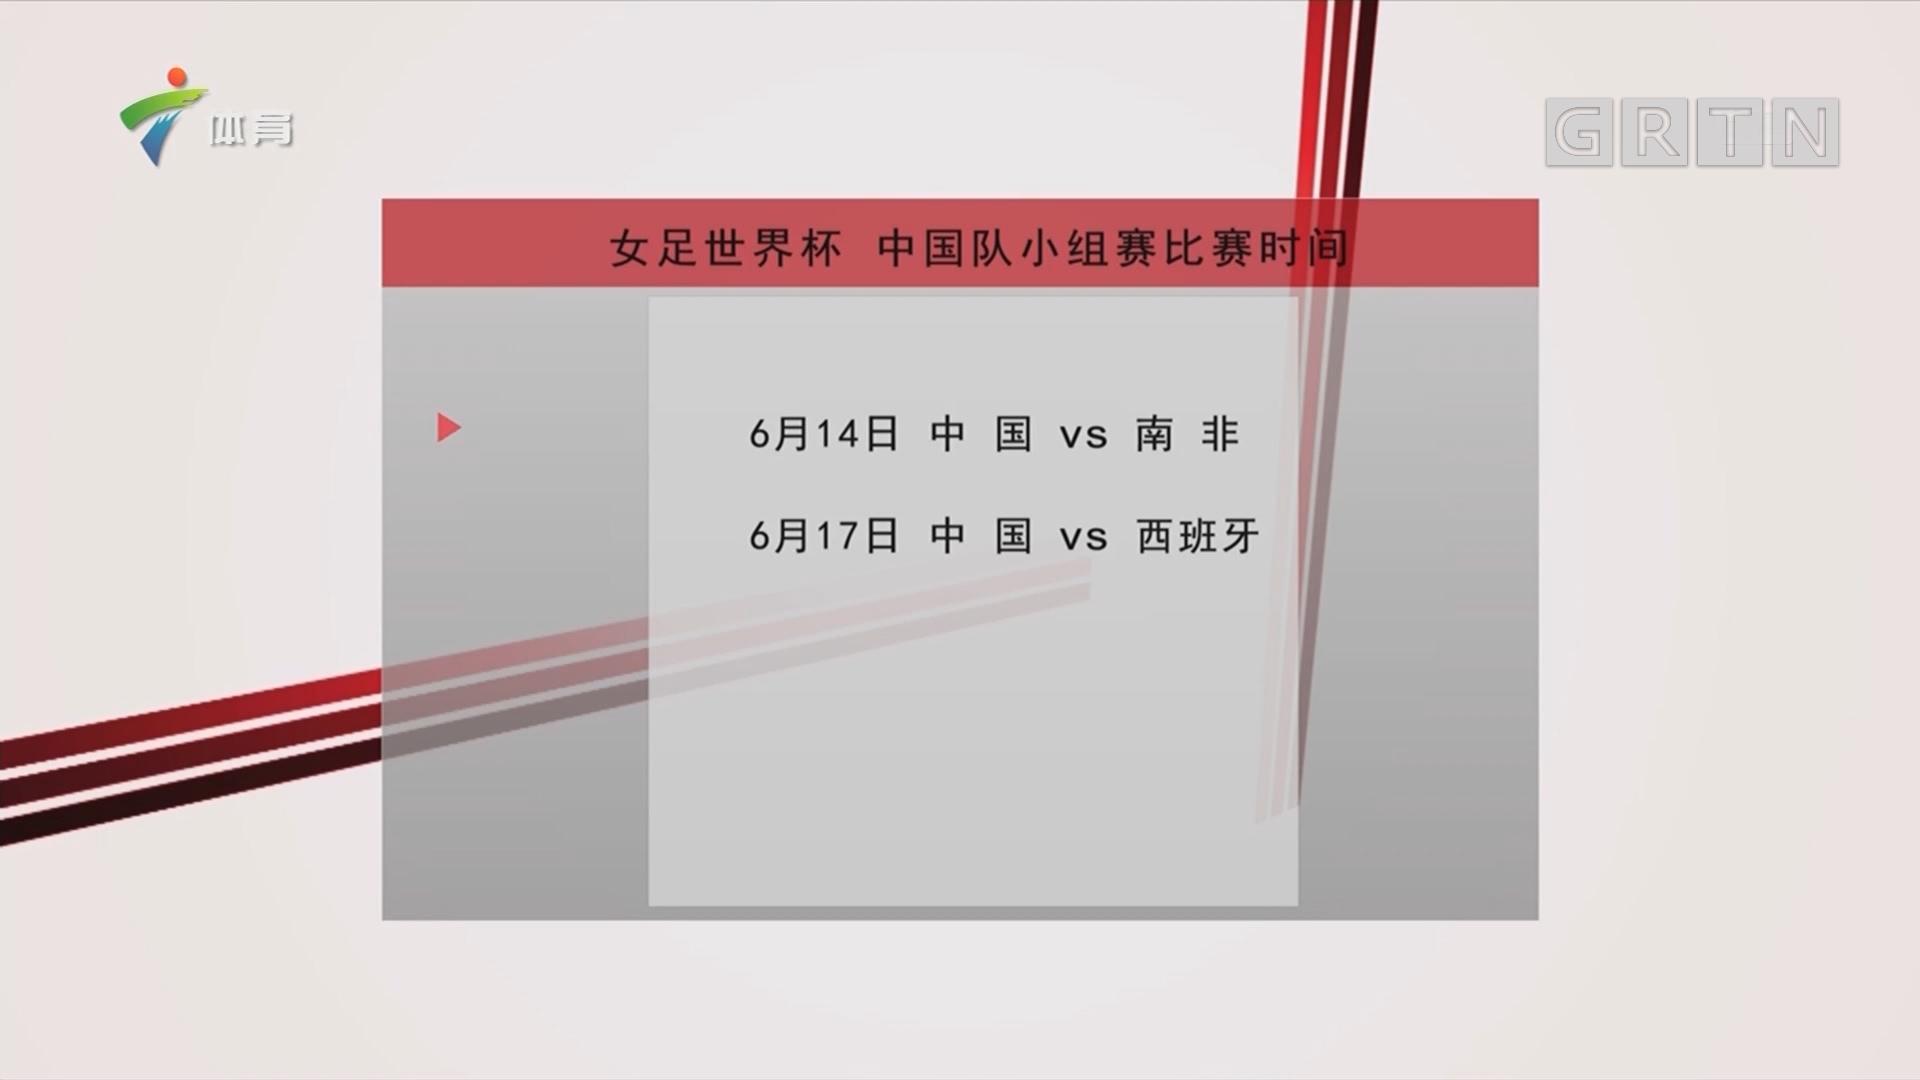 女足世界杯 中国队小组赛比赛时间